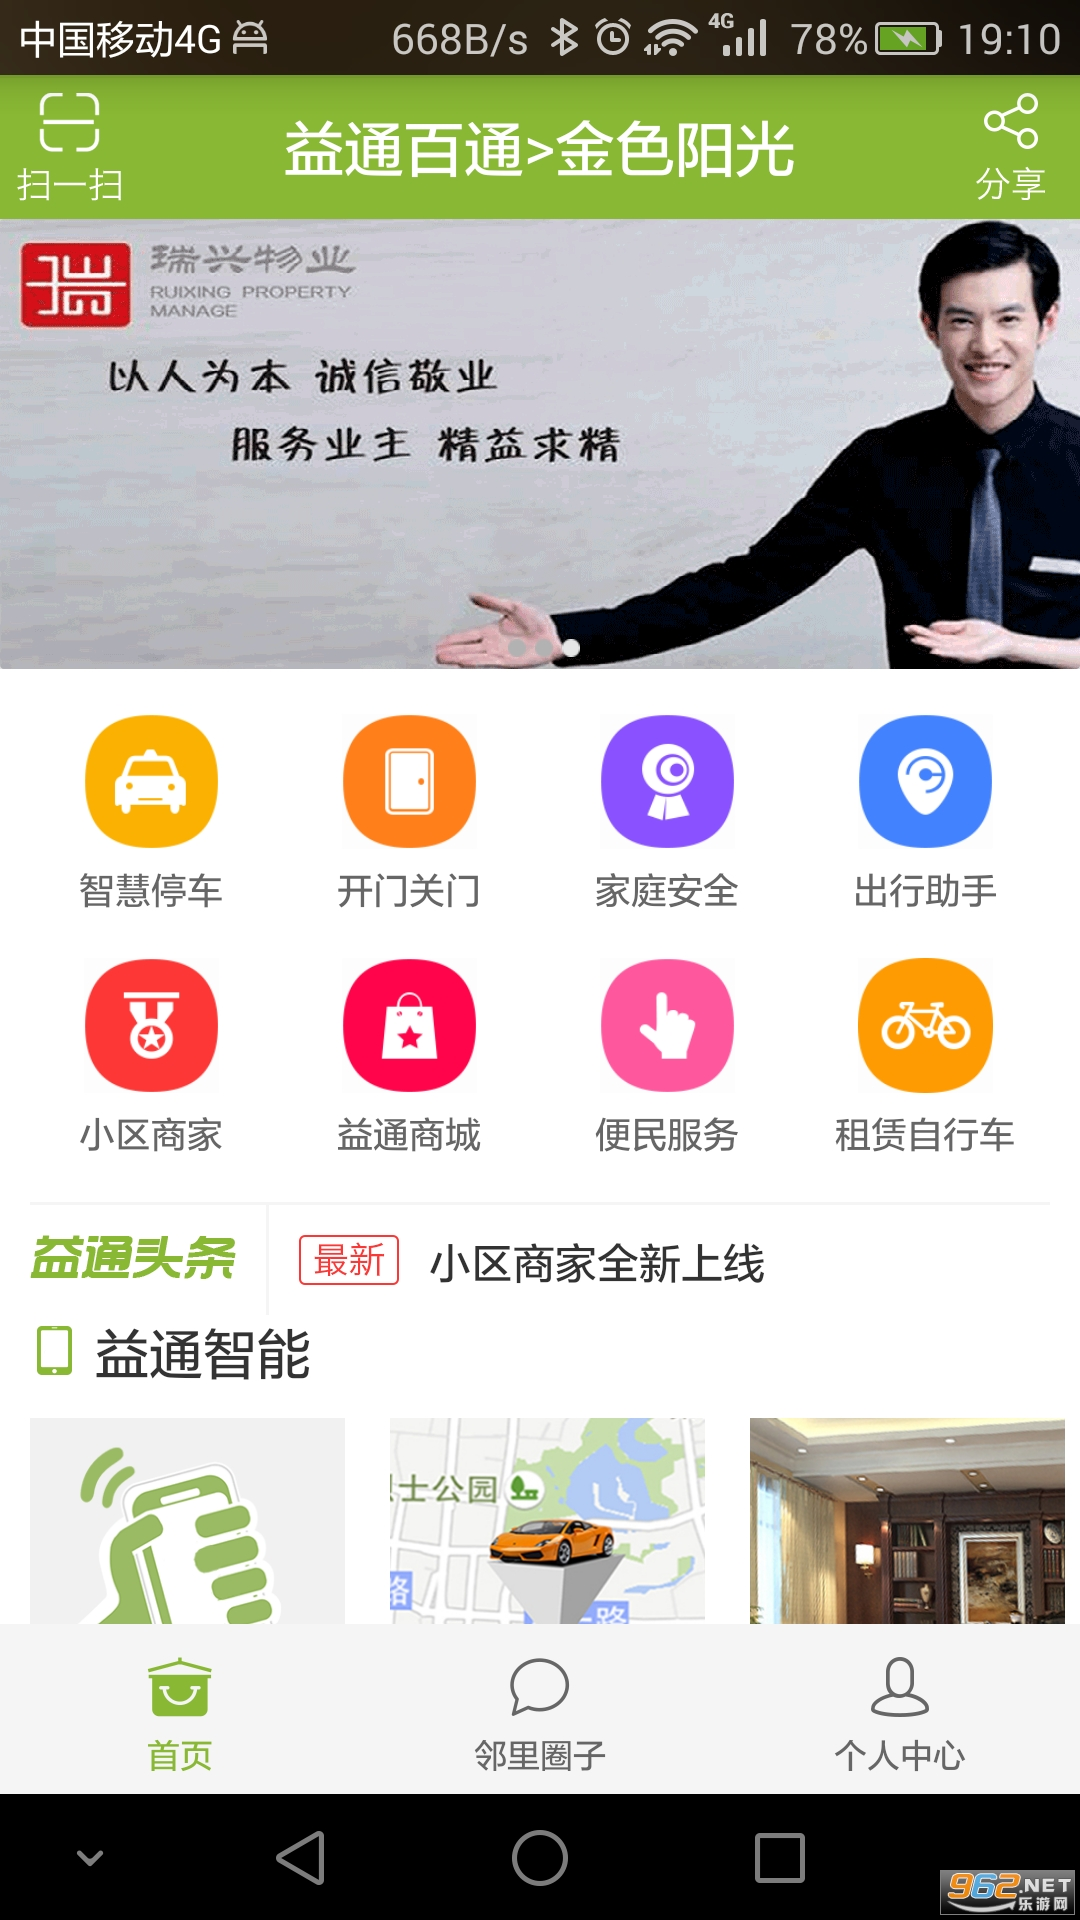 益通百通手机appv3.0.4 官方最新版截图2